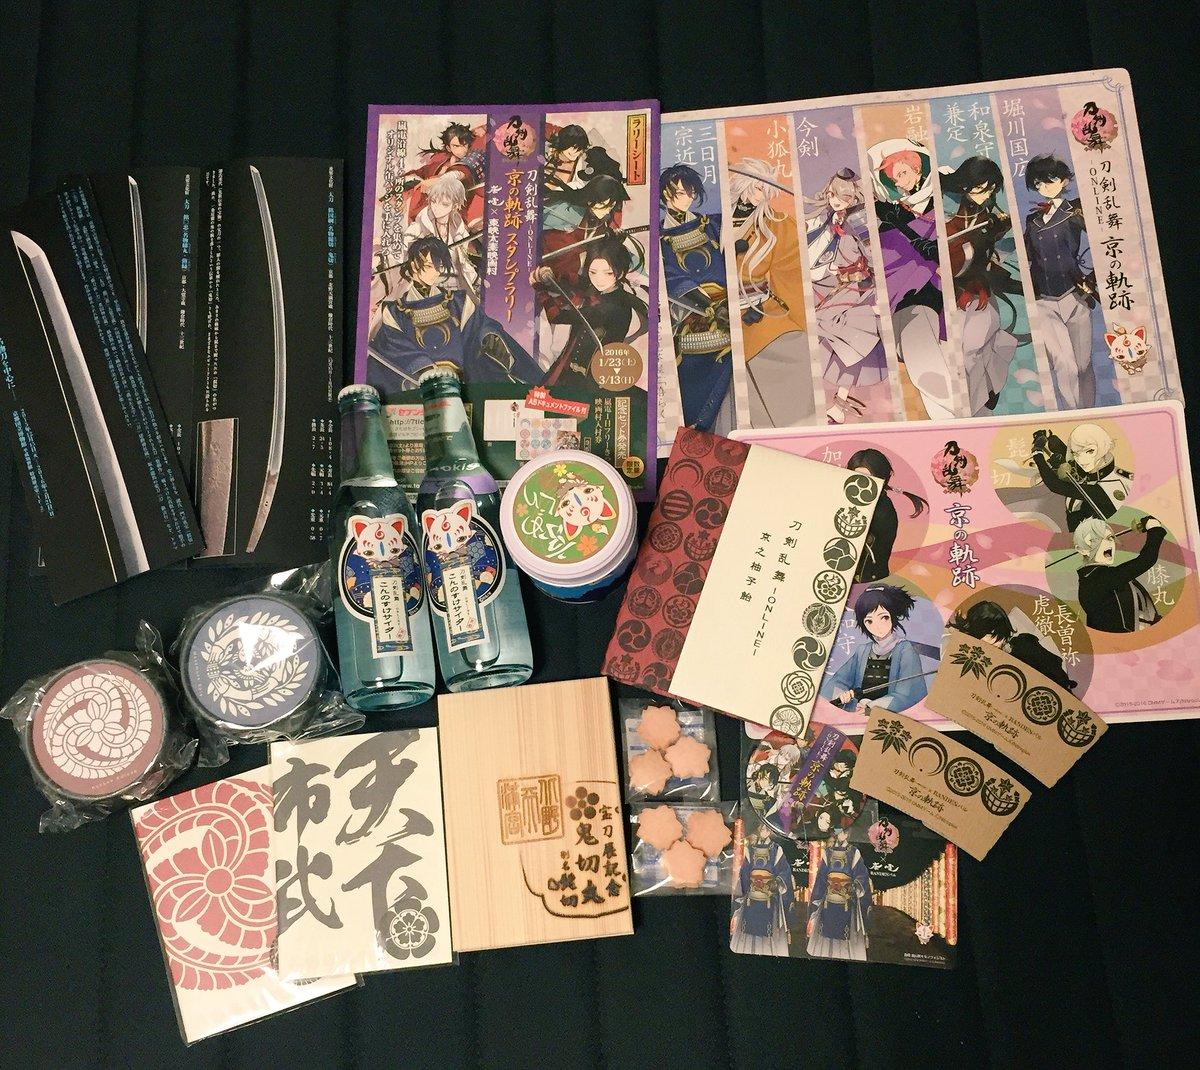 京都のスタンプラリーと映画村で買ってきたお土産:( `ω´ ):  #博多くんと京都の旅